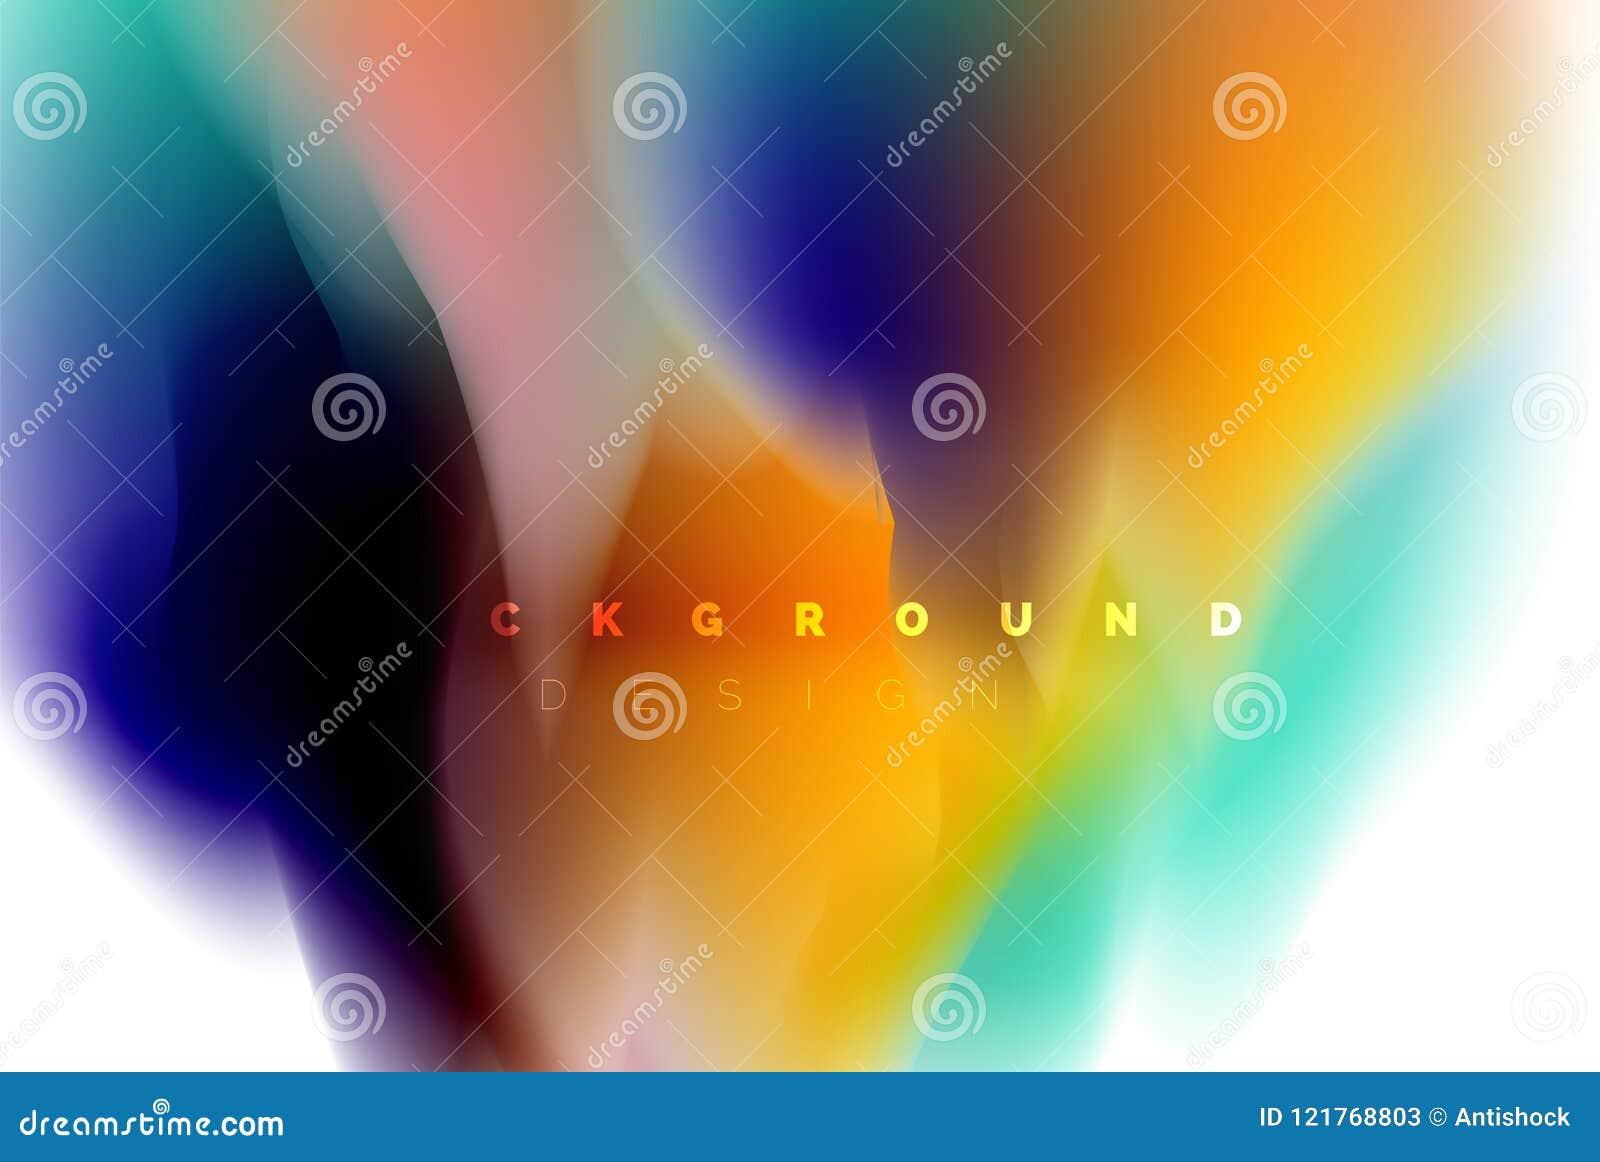 Holographic paint explosion design, fluid colors flow, colorful storm. Liquid mixing colours motion concept, trendy